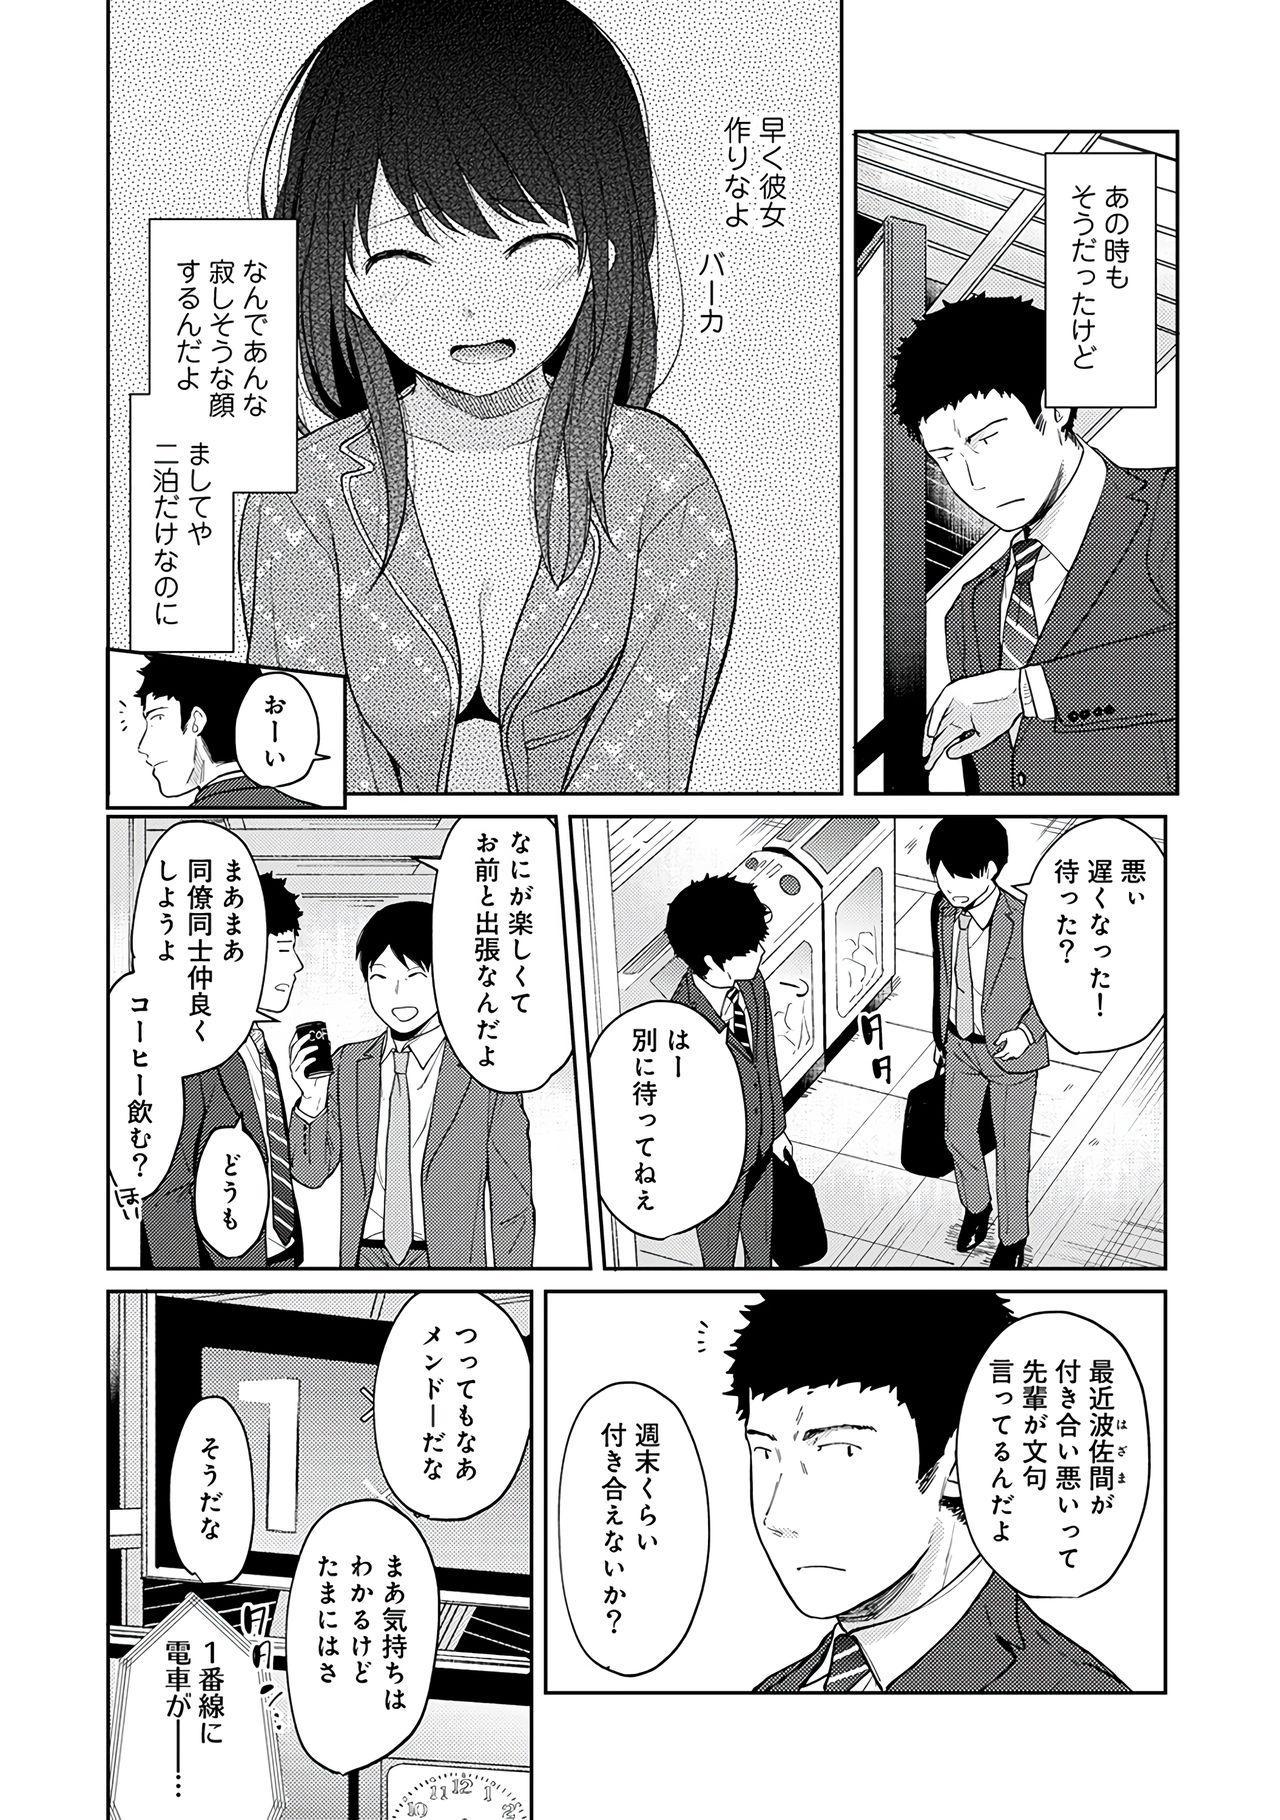 1LDK+JK Ikinari Doukyo? Micchaku!? Hatsu Ecchi!!? Vol.2 171